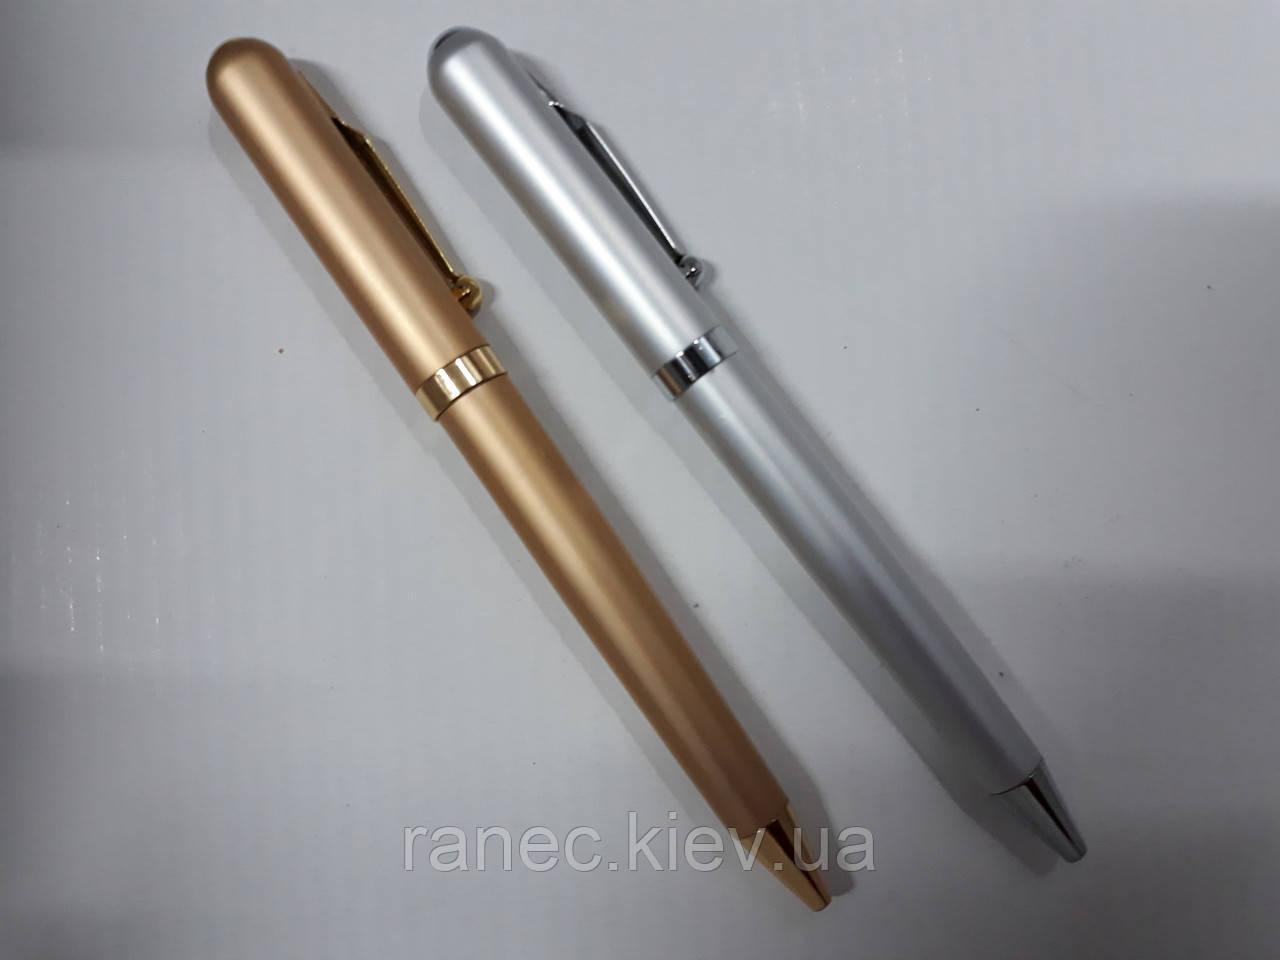 Baixin Ручка подарочная поворотная, металлическая, арт. BP 973